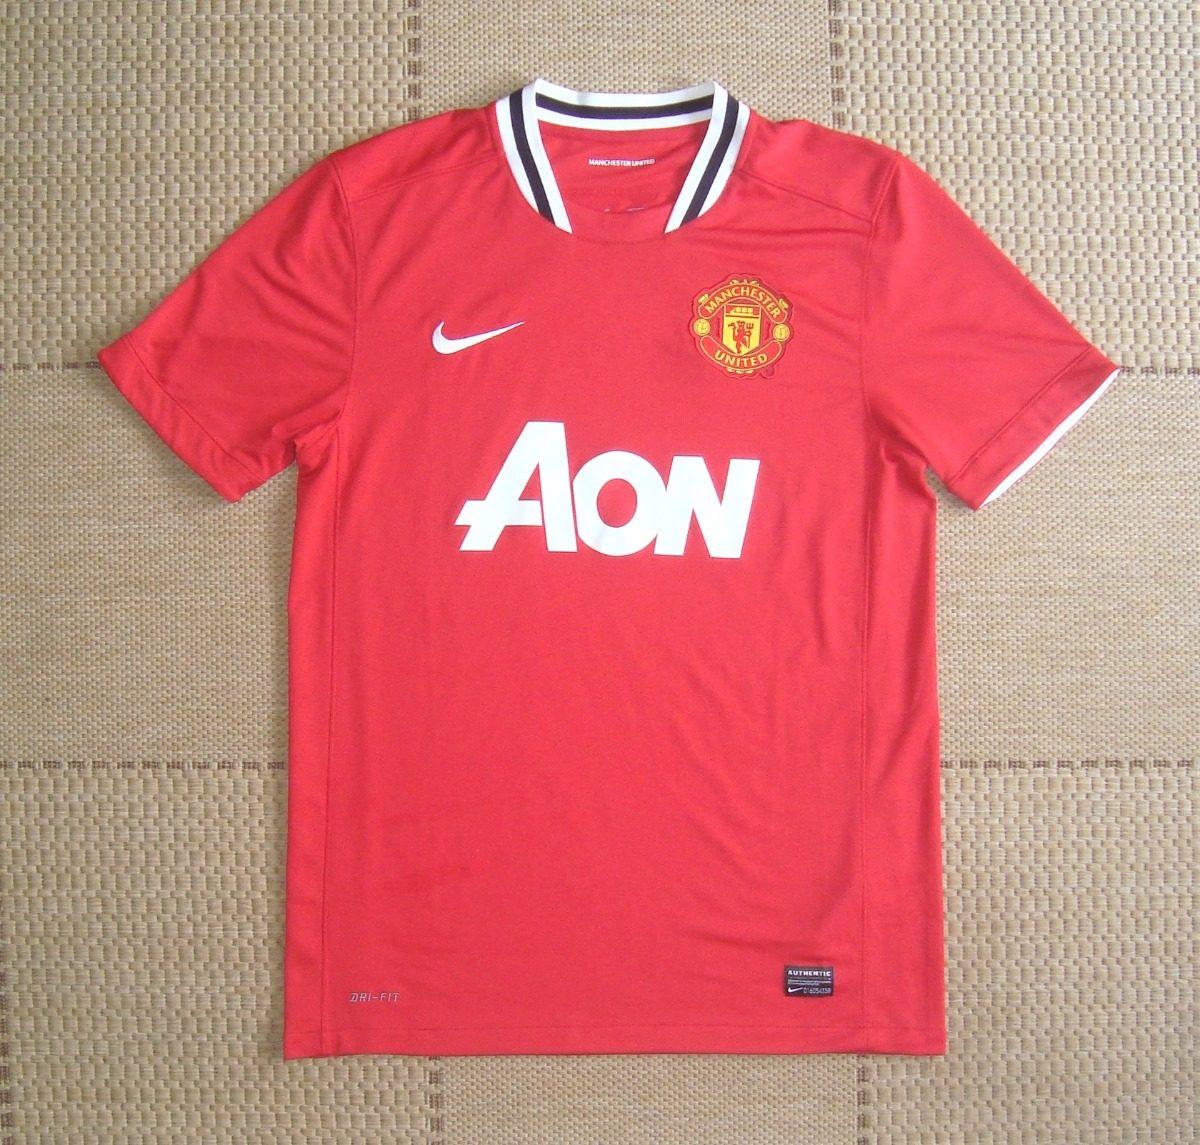 camisa original manchester united 2011 2012 home. Carregando zoom. 43a409c64be19